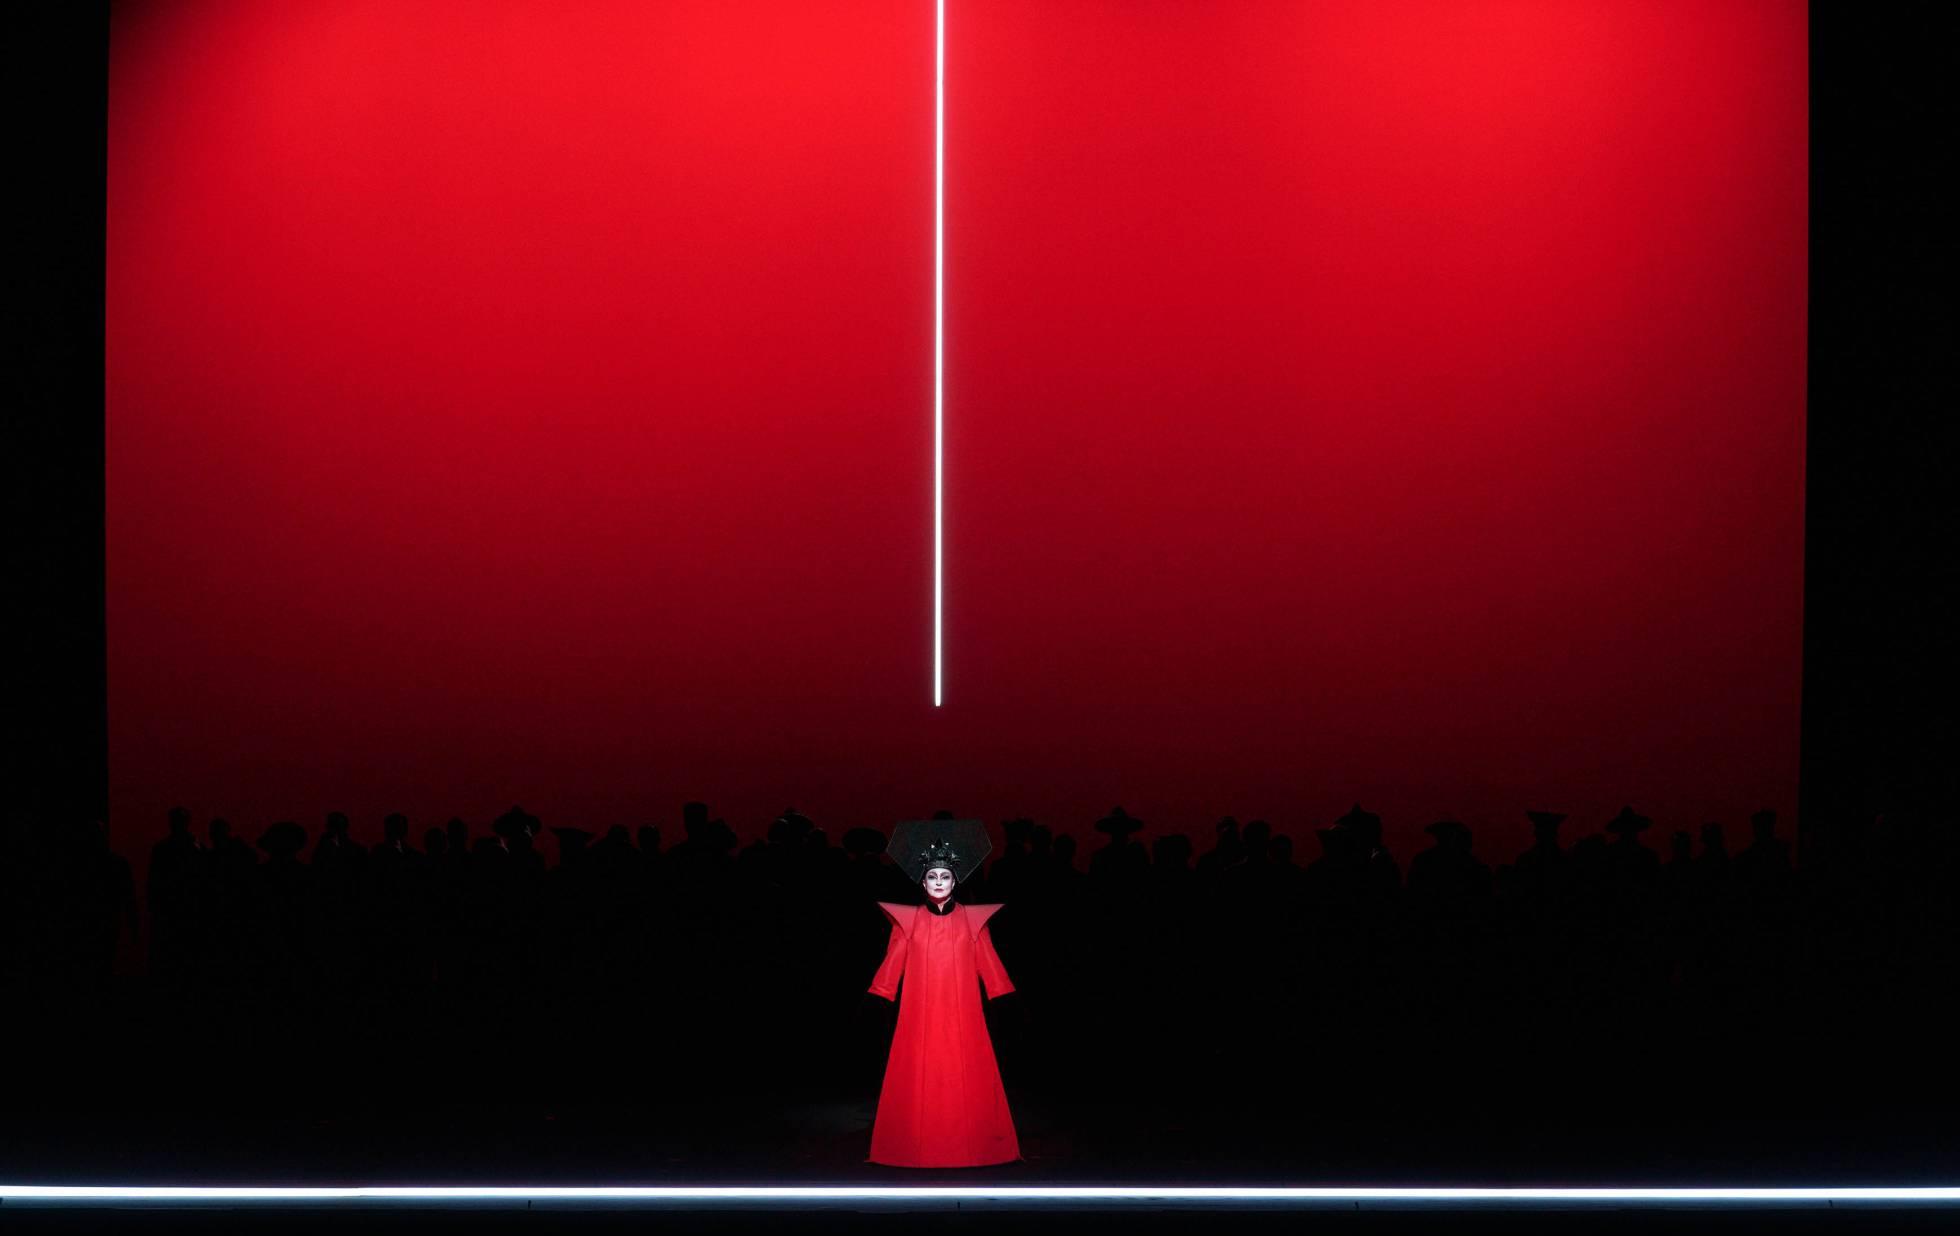 Irene-Theorin-Turandot